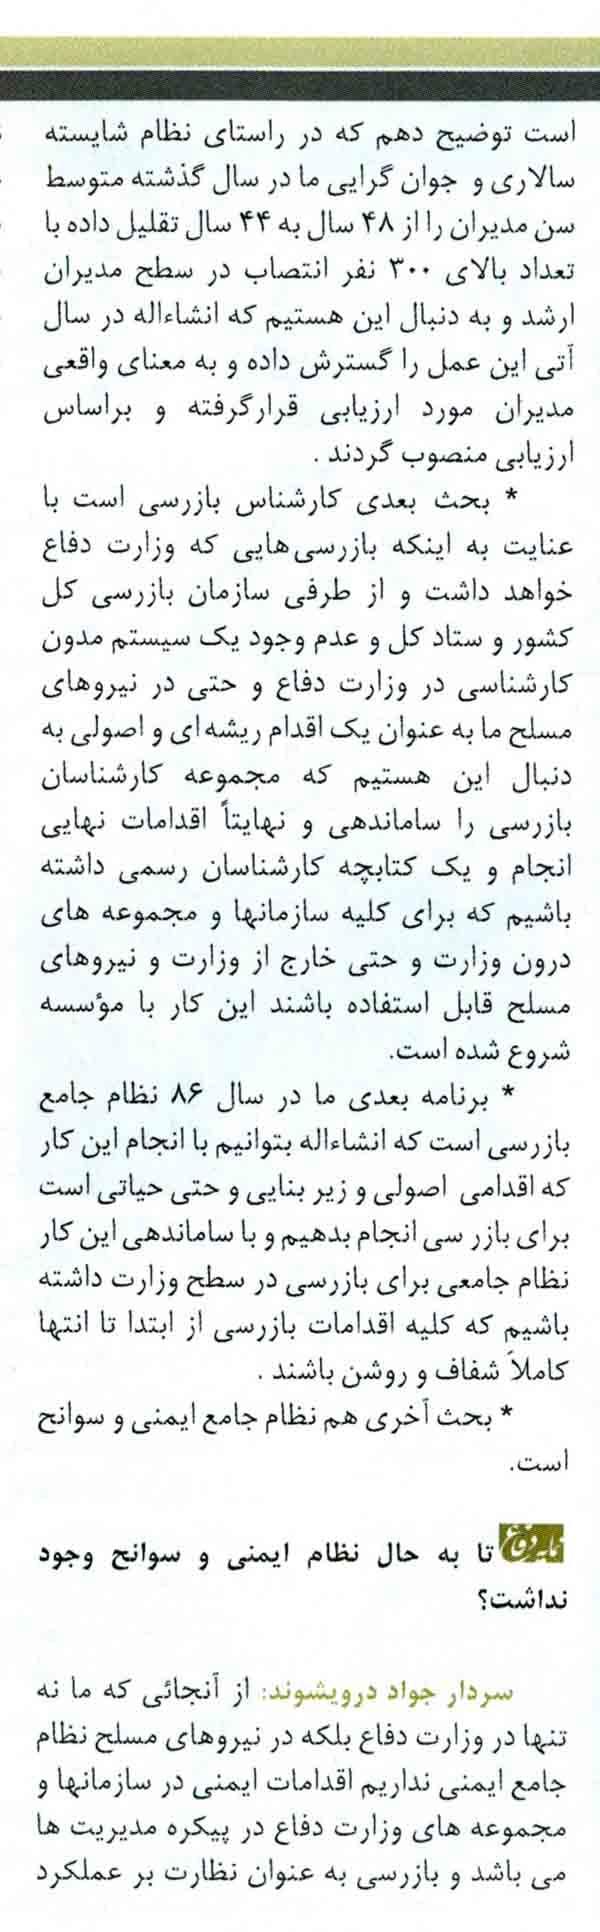 مصاحبه اختصاصی نمایه دفاع با سردار جواد درویش وند- 9